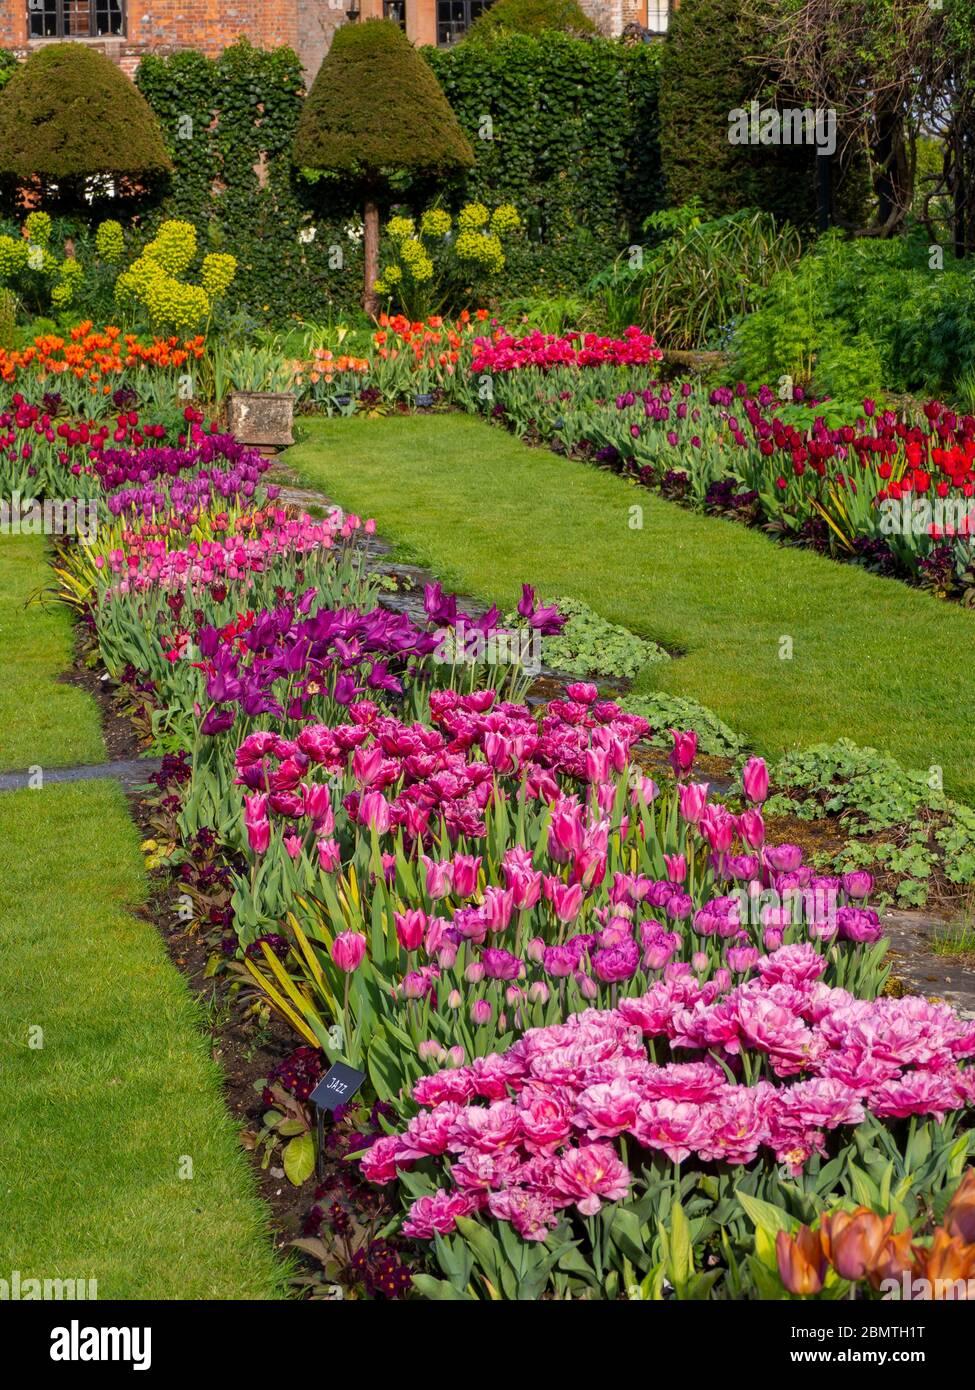 Chenies Manor Sunken giardino con colorate varietà di tulipani, guardando verso la casa Tudor Manor in aprile. Foto Stock